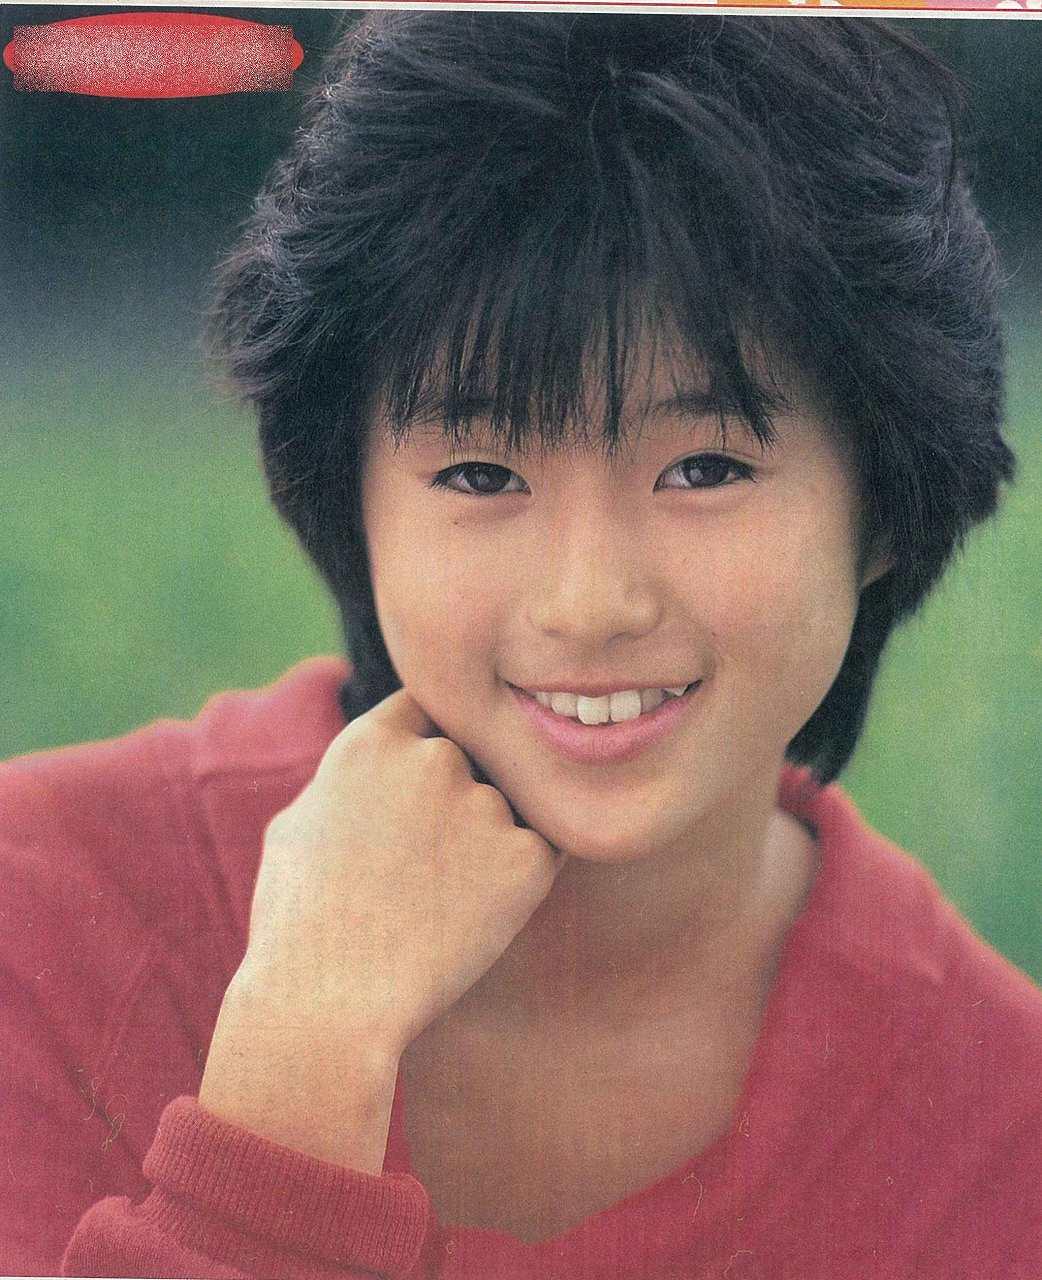 デビュー前、整形してない酒井法子の顔